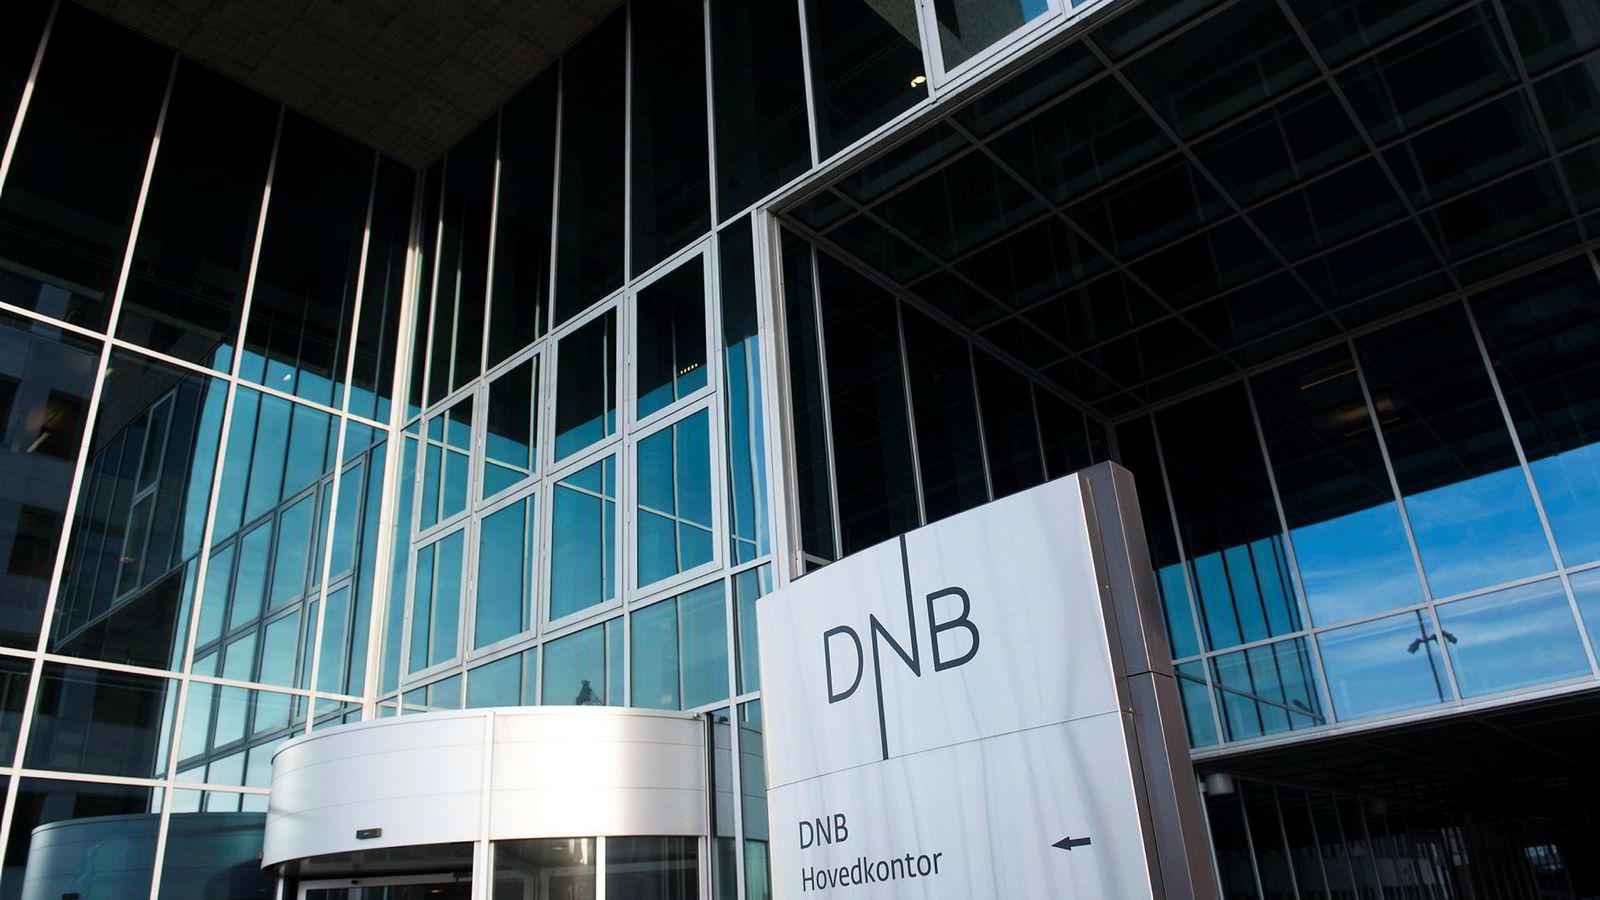 DNB ble dømt til å gi kundene prisavslag for at de hadde levert en såkalt mangelfull ytelse samt å erstatte tapet som om dette prisavslaget var blitt stående til fortsatt forvaltning i fondet.